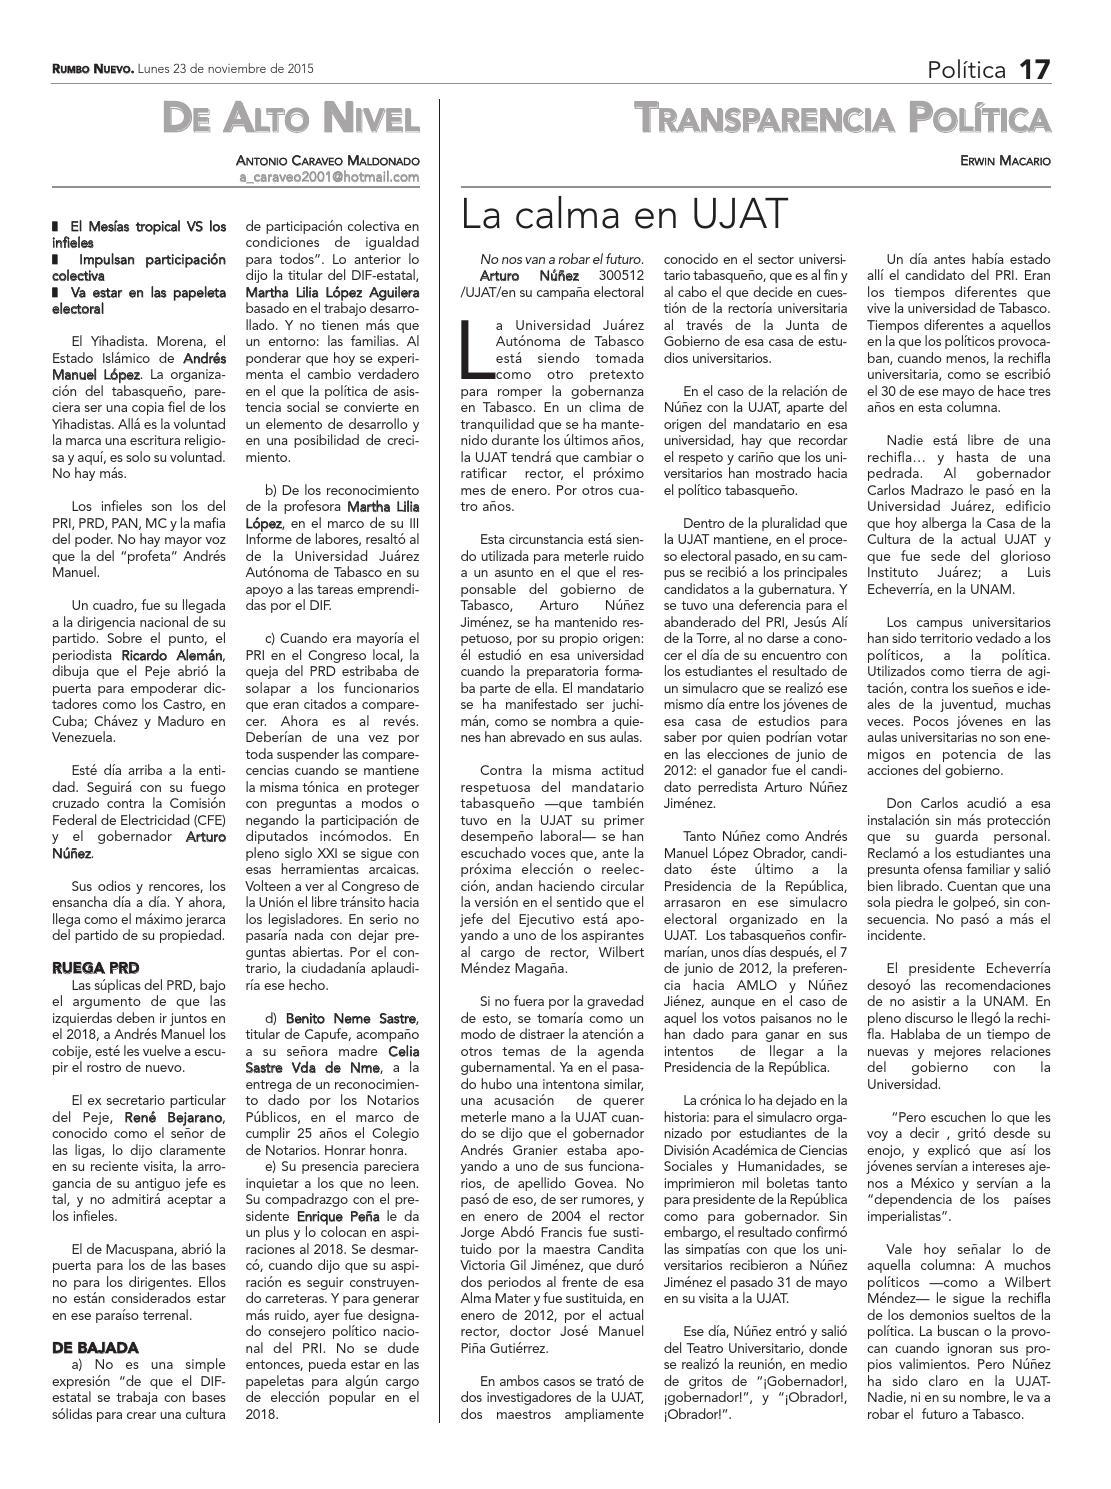 Rumbo Nuevo. Lunes 23 de noviembre de 2015 by Grupo Rumbo Nuevo - issuu